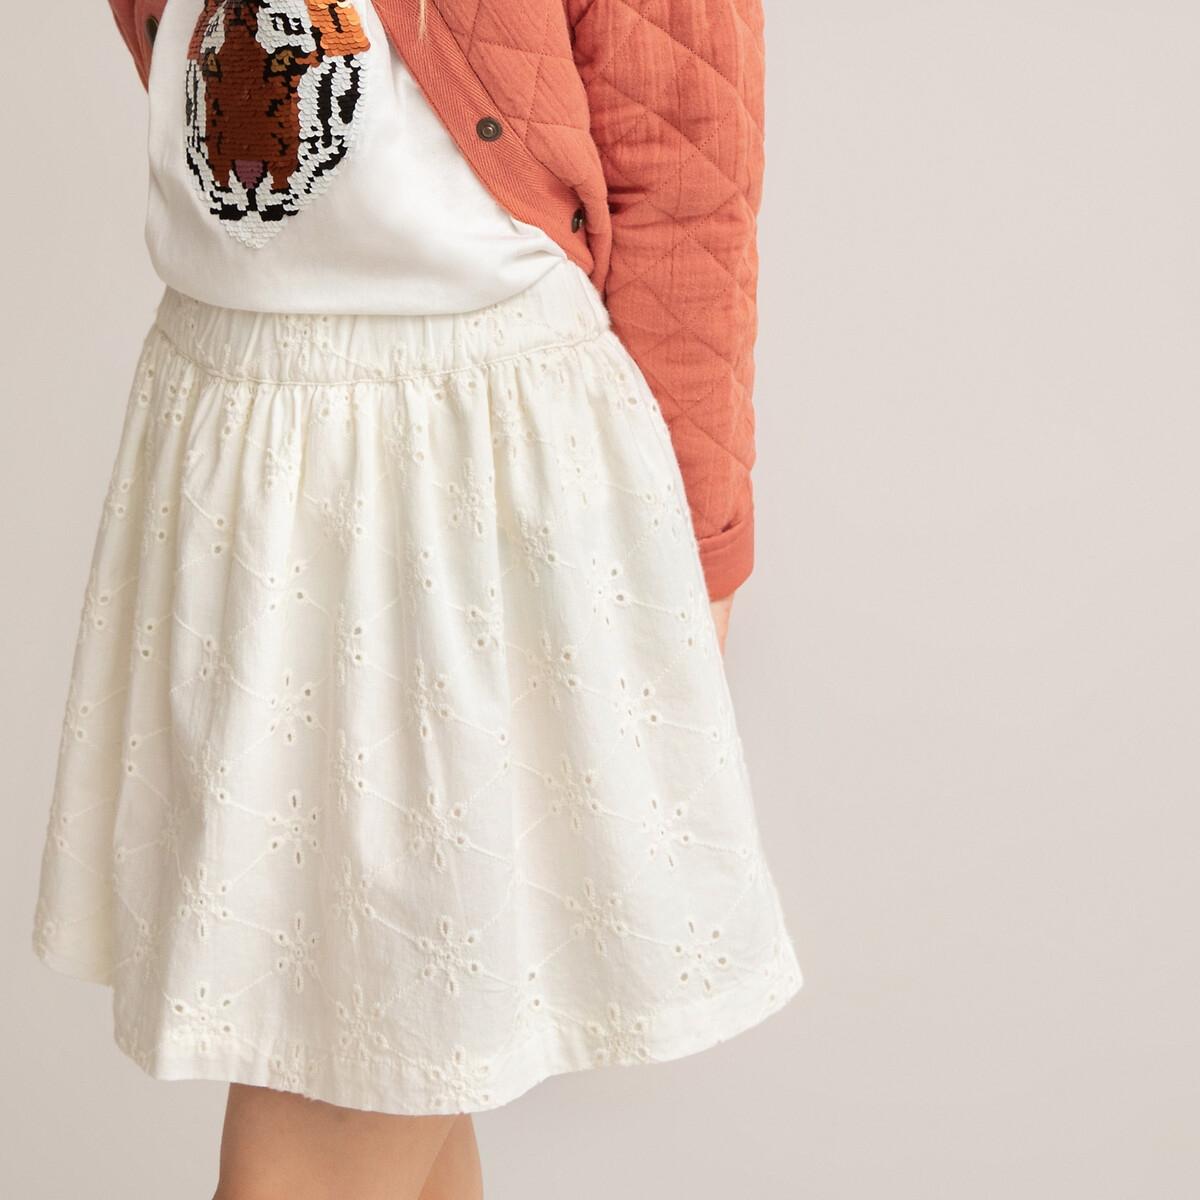 Фото - Юбка LaRedoute Короткая из английской вышивки 3-12 лет 8 лет - 126 см бежевый рубашка laredoute джинсовая 3 12 лет 8 лет 126 см синий